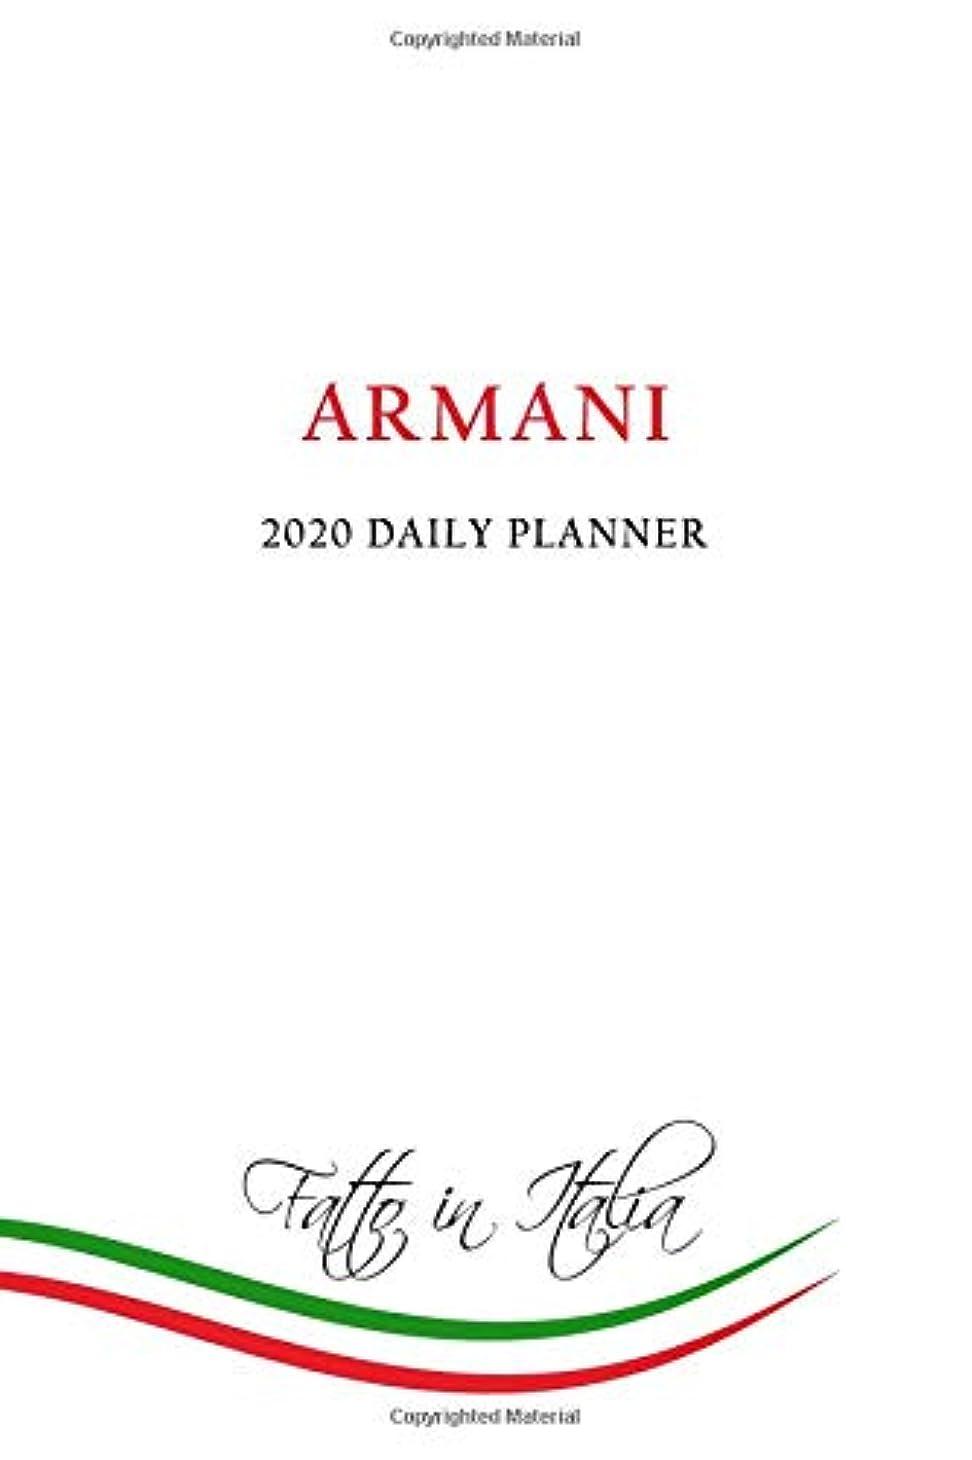 増加するパシフィック未亡人2020 Daily Planner: Armani Family